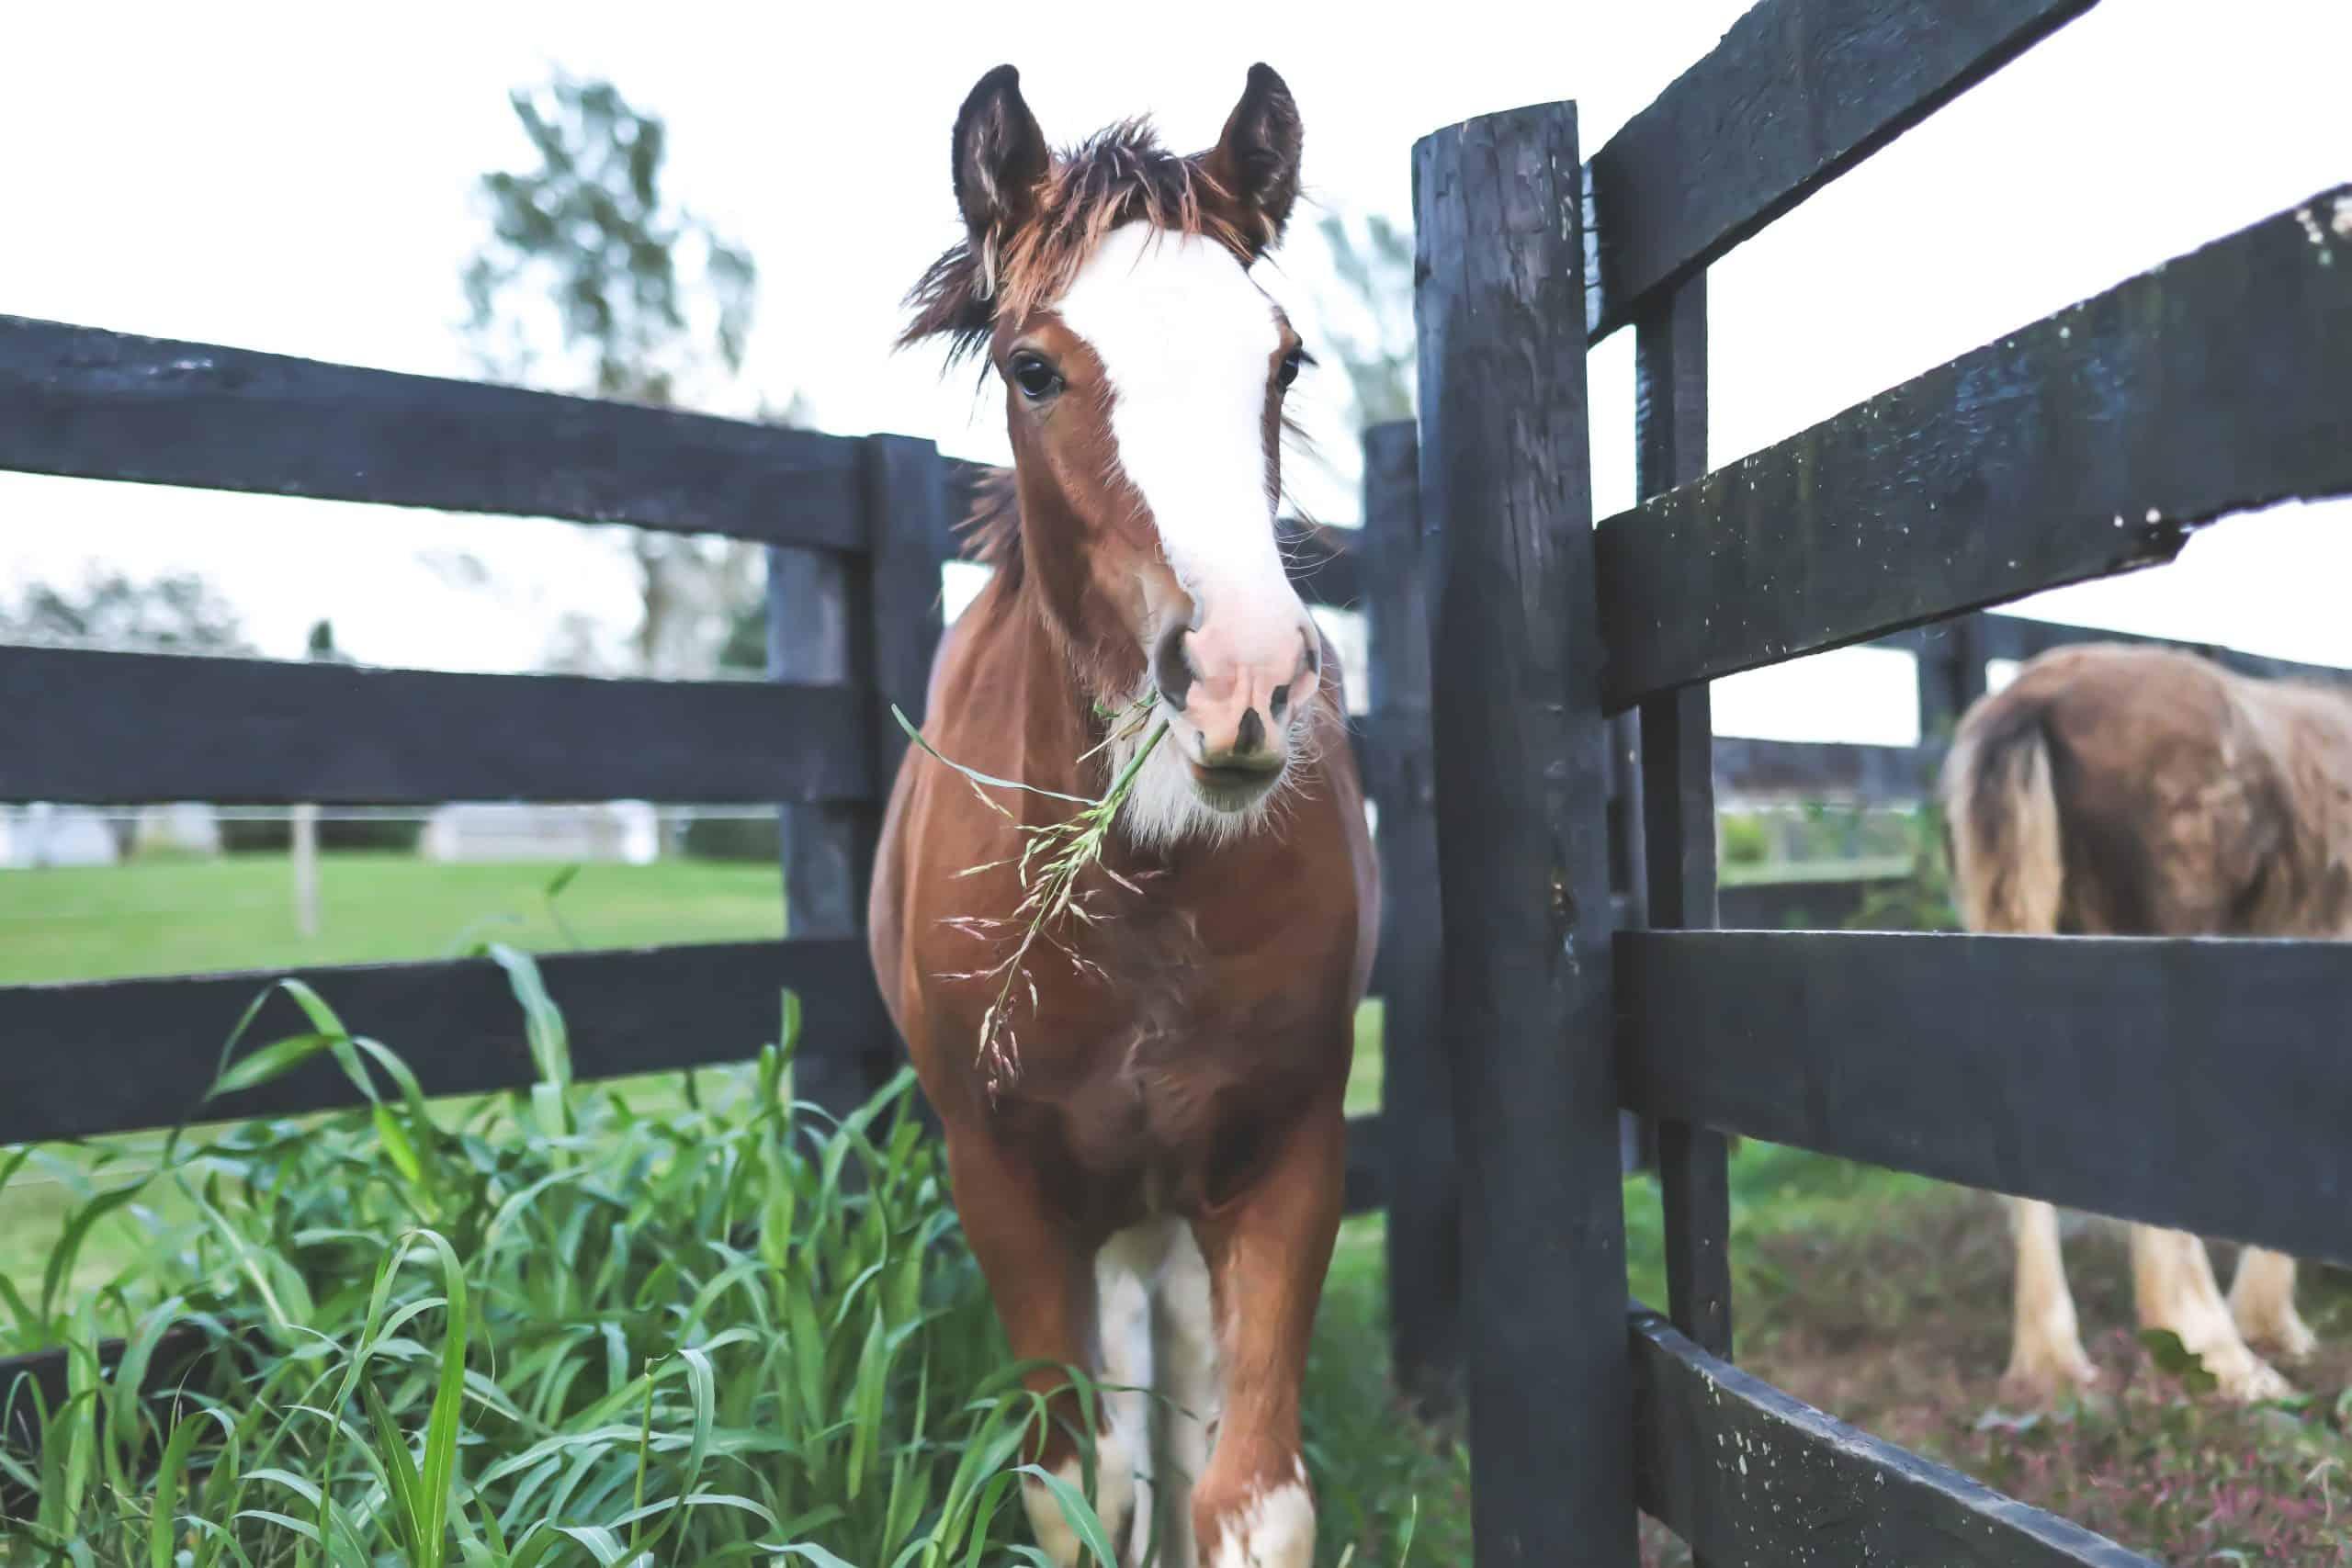 horses cushing's disease